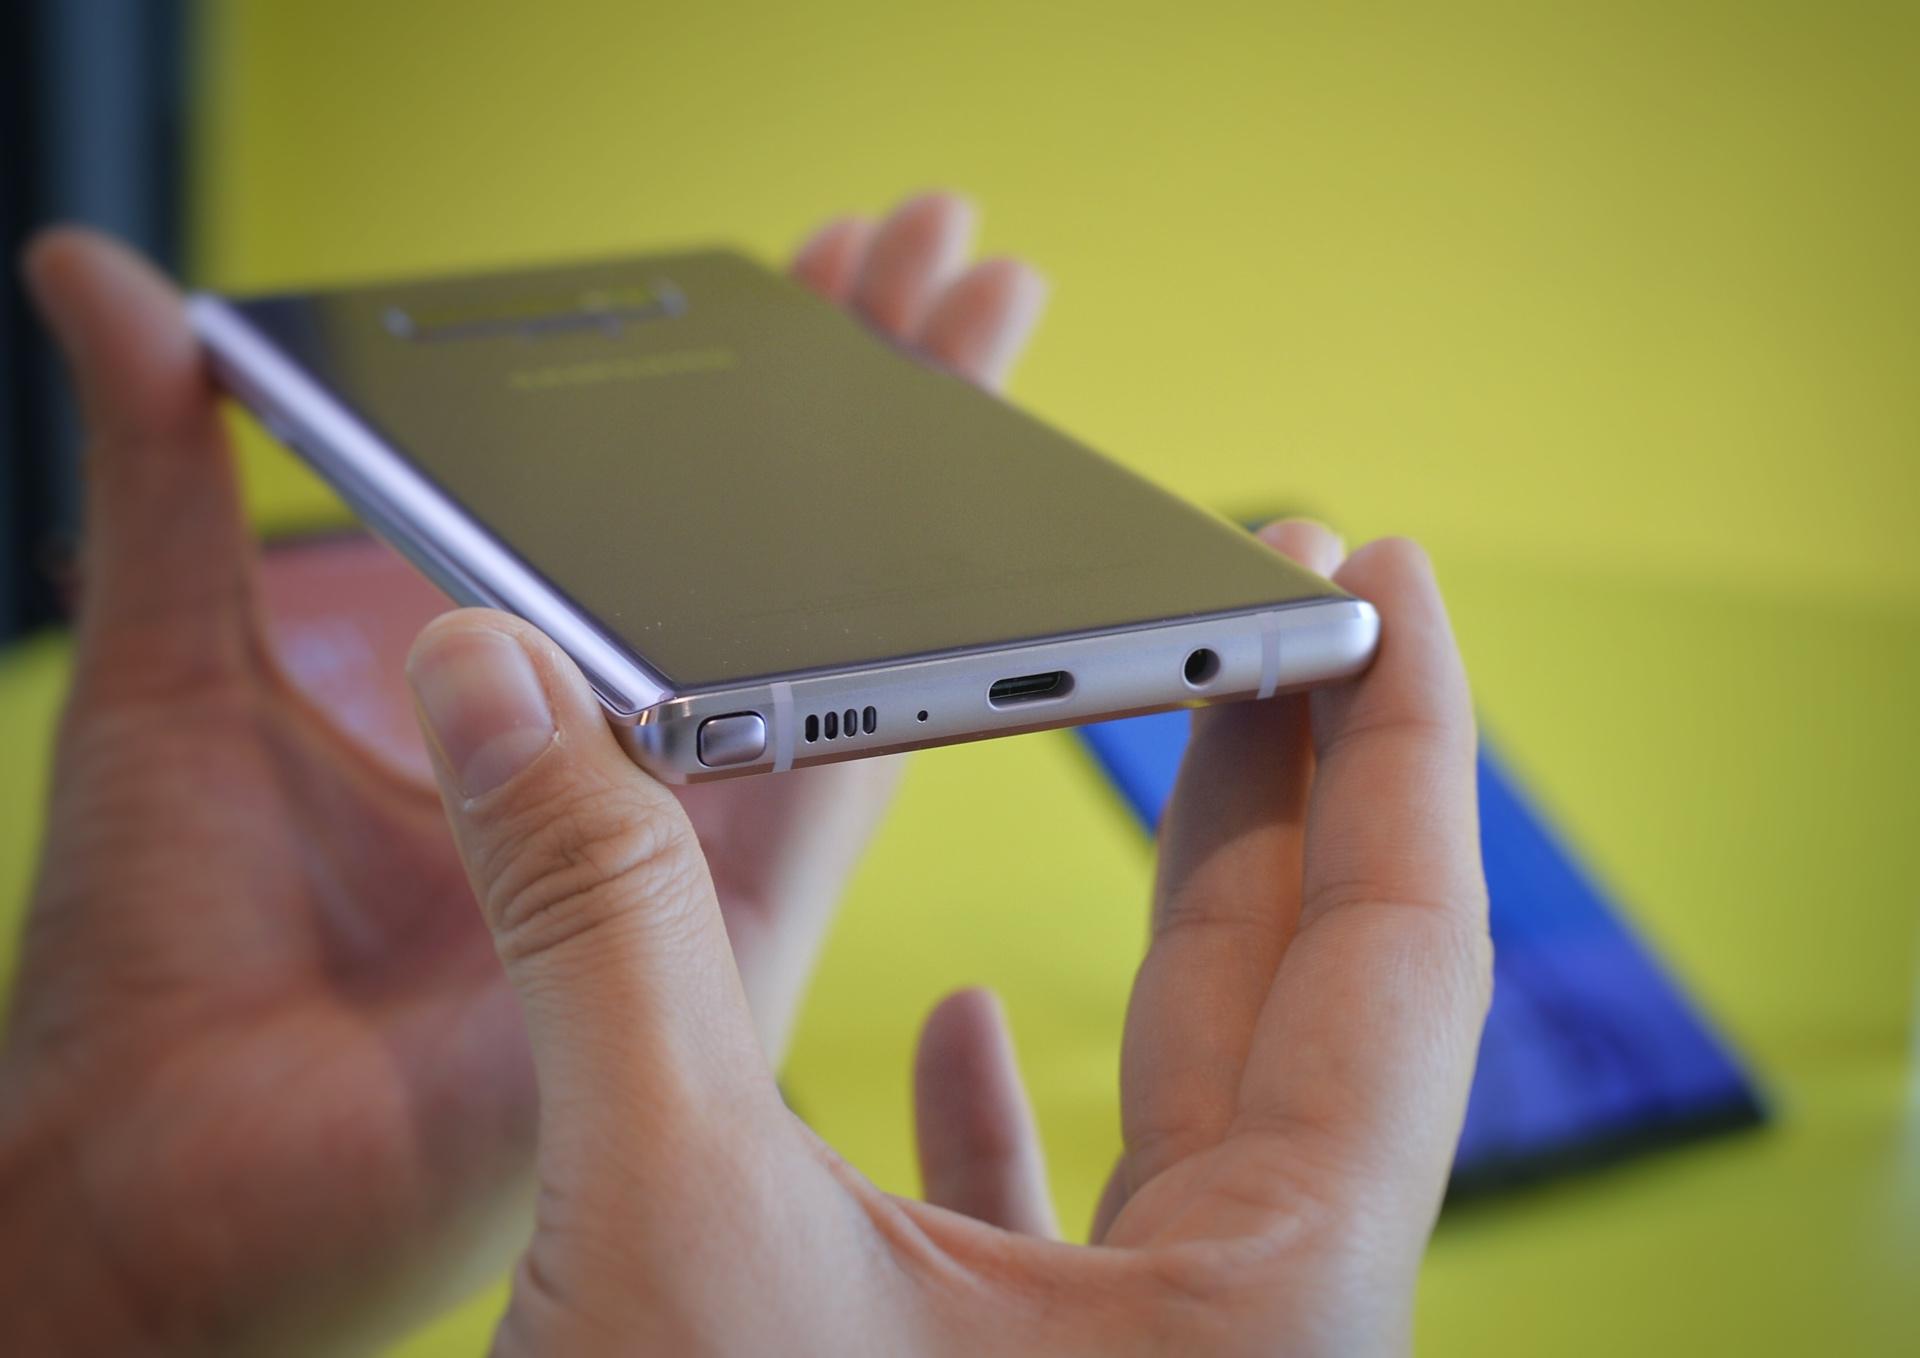 三星 Galaxy Note 9 上手体验:S Pen是点睛之笔的照片 - 4